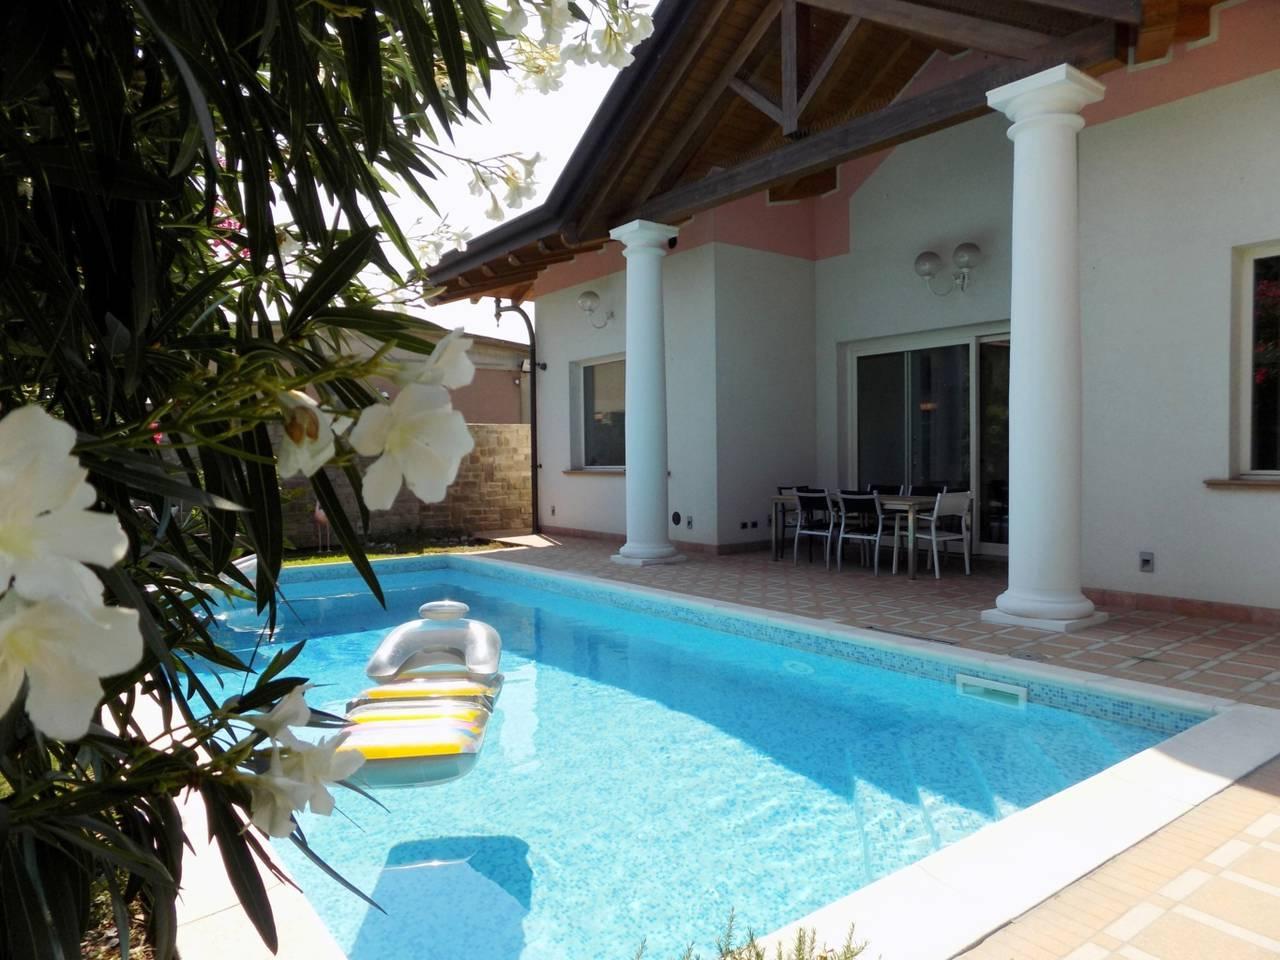 Villa-con-piscina-in-vendita-a-Trezzano-Rosa-6